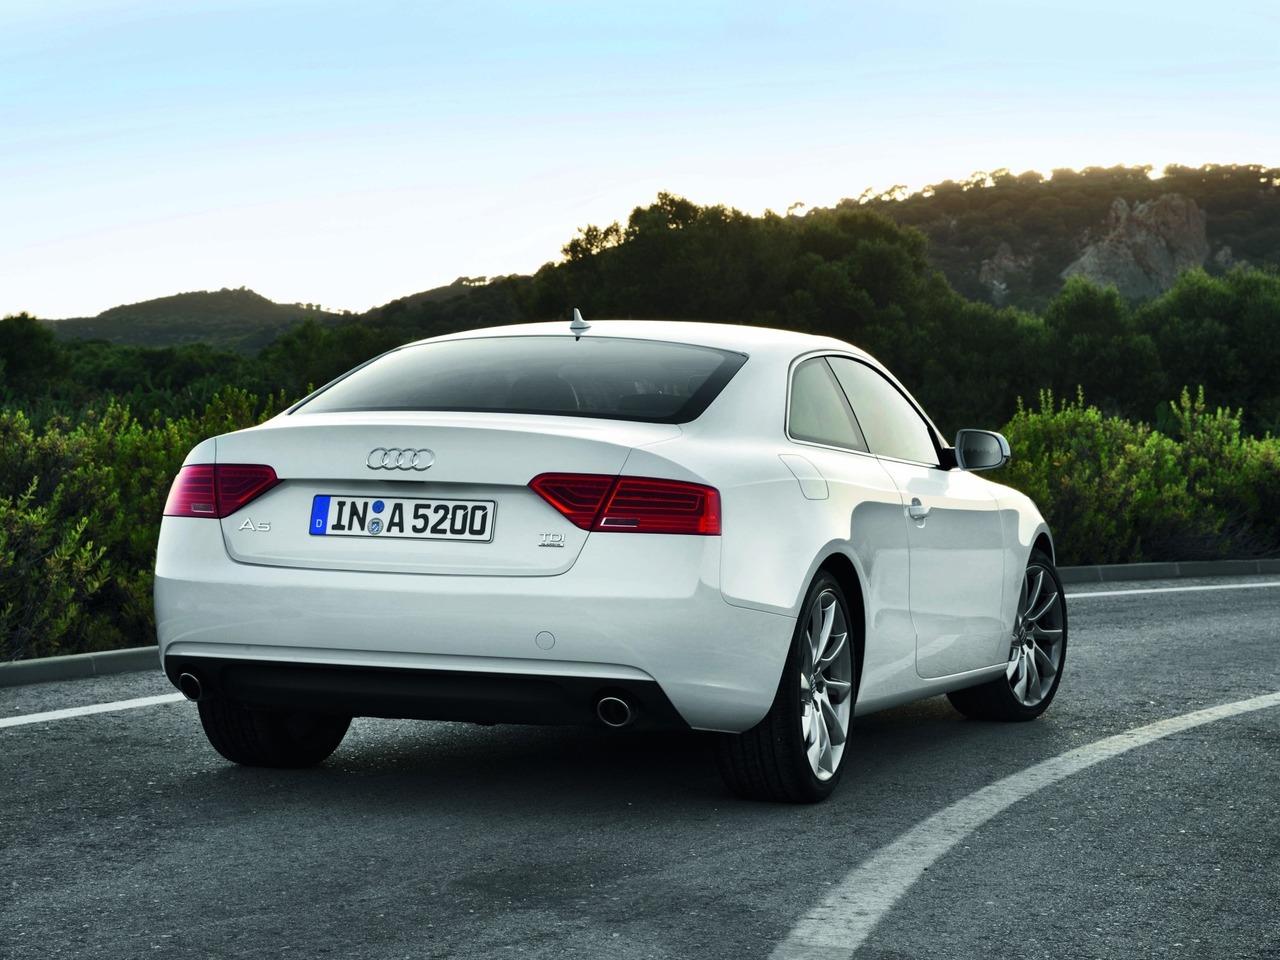 Снимки: Audi A5 Facelift 2011